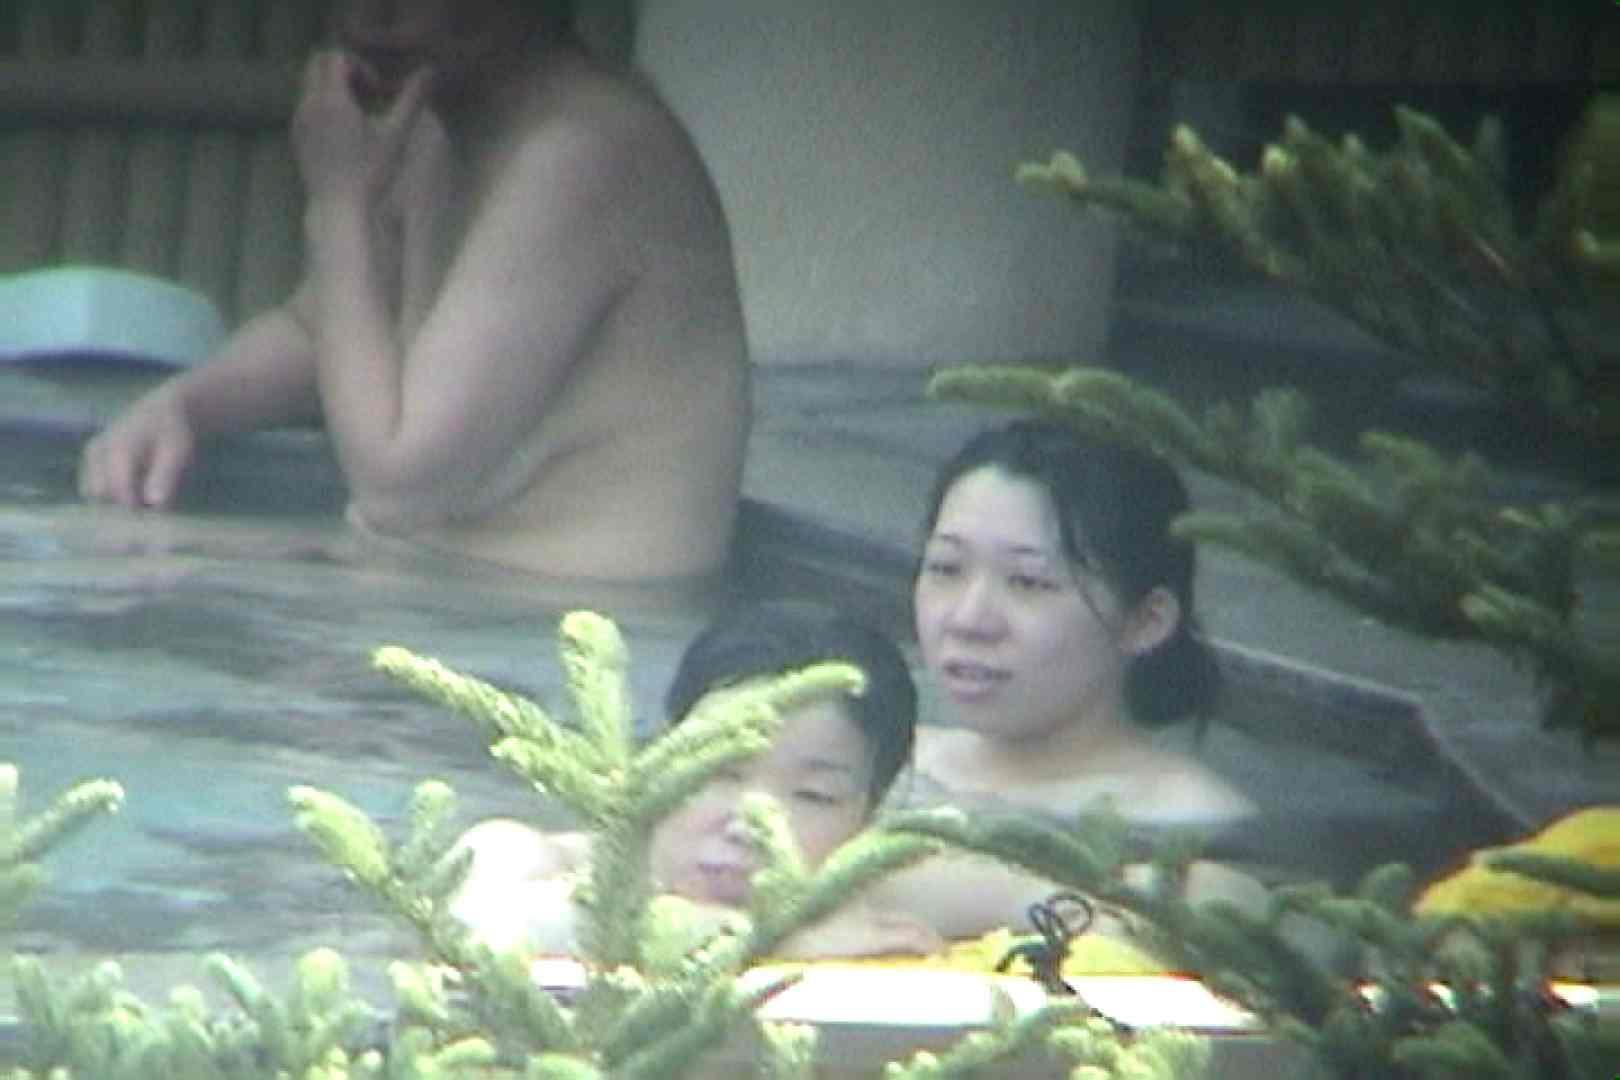 Aquaな露天風呂Vol.105 盗撮師作品   美しいOLの裸体  69pic 1